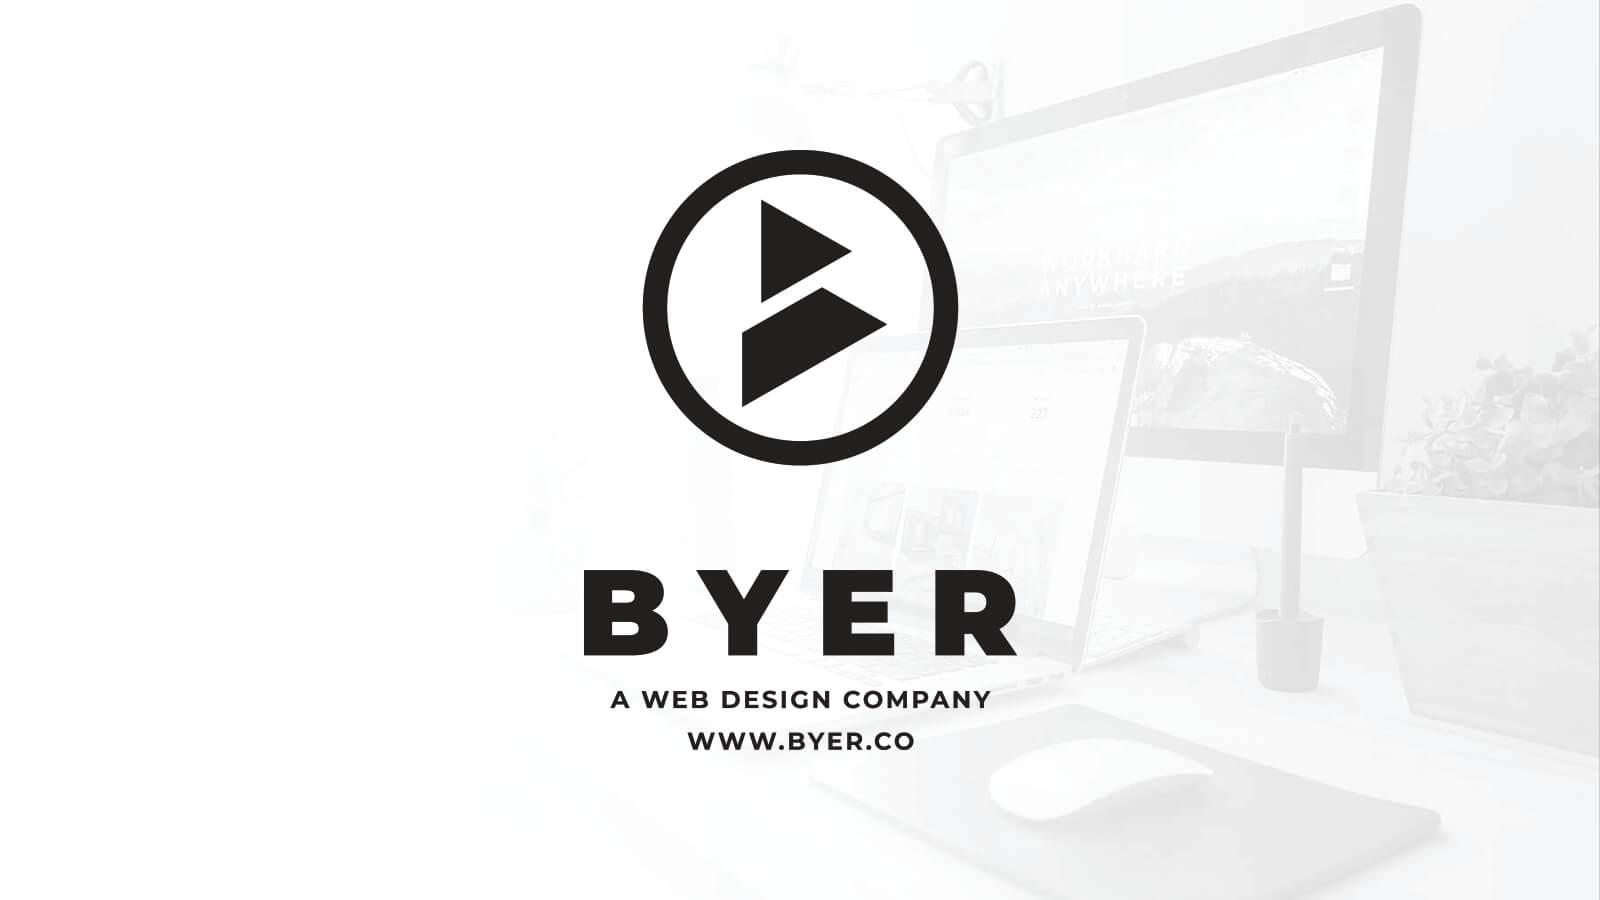 (c) Byer.co